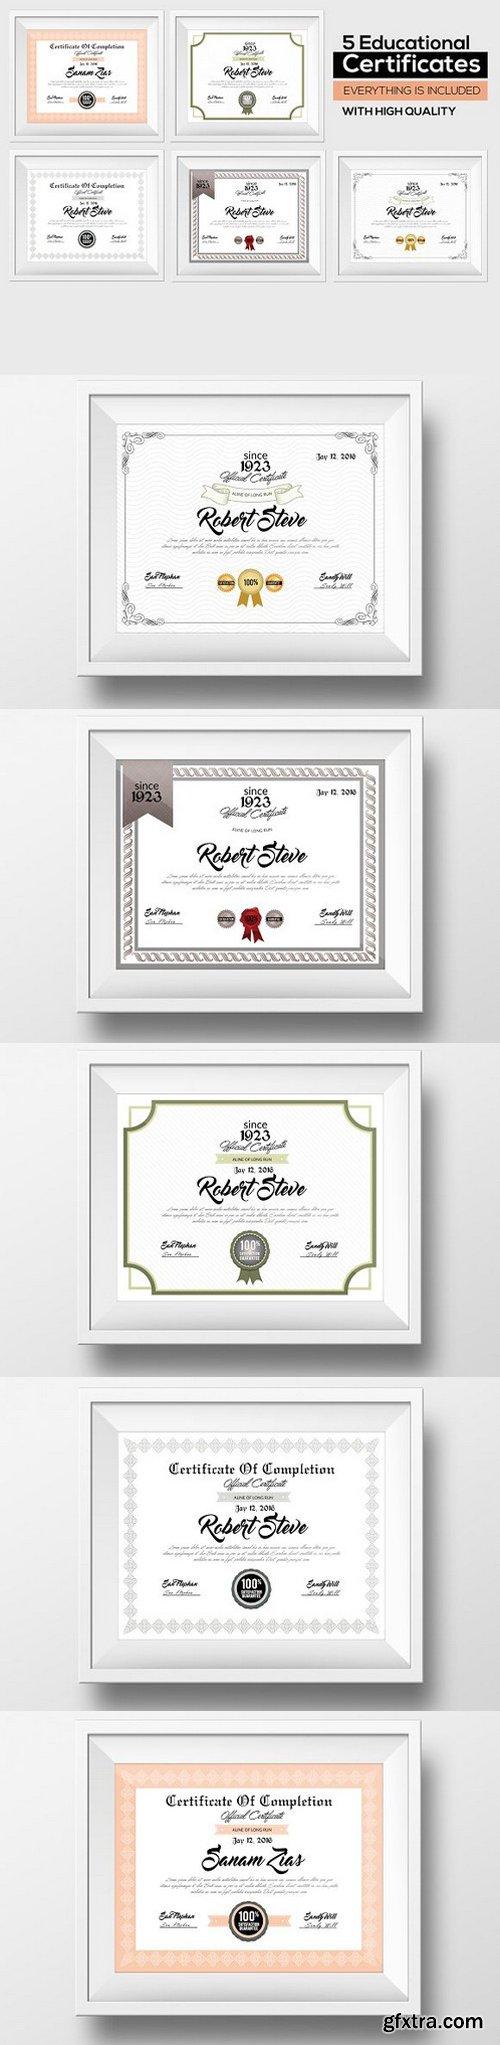 CM - 5 Certificate & Diploma Bundle 783079